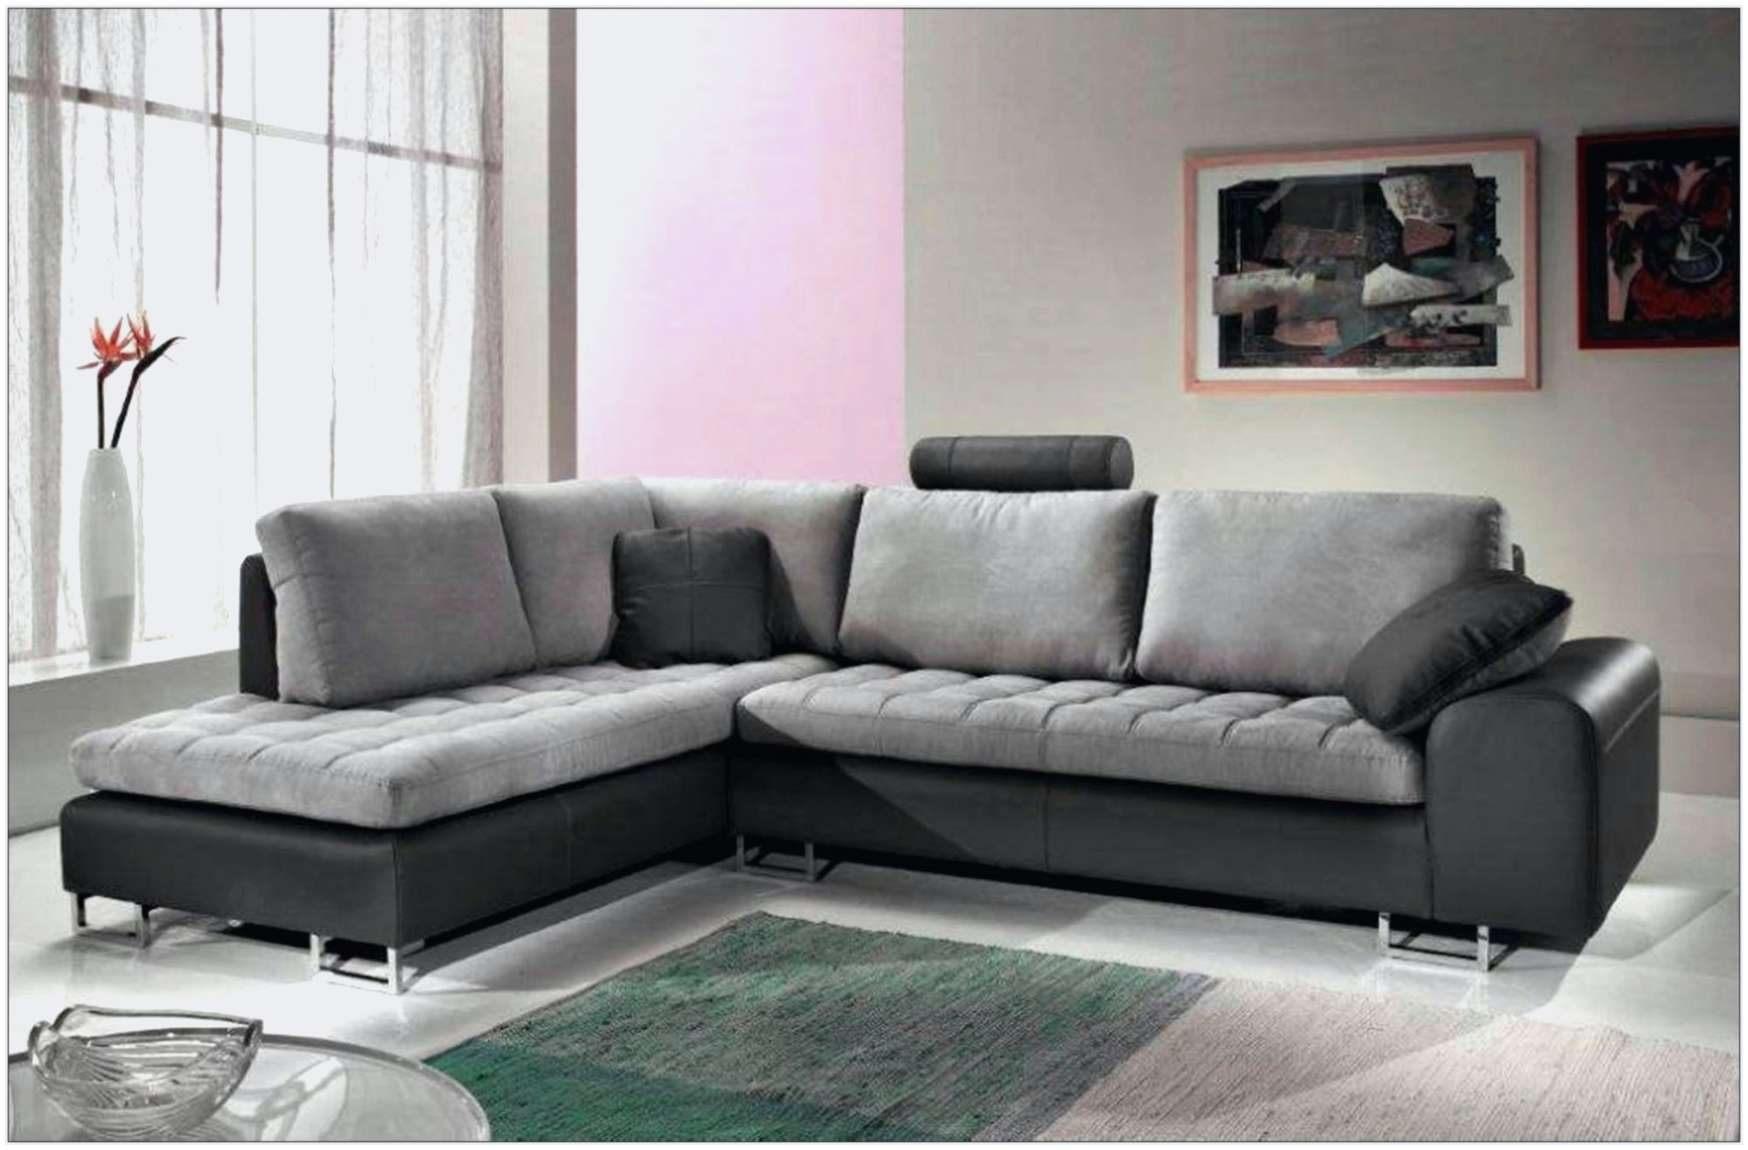 Ikea Canapé Lit Élégant Beau Canapé D Angle — Puredebrideur Pour Alternative Canapé Angle